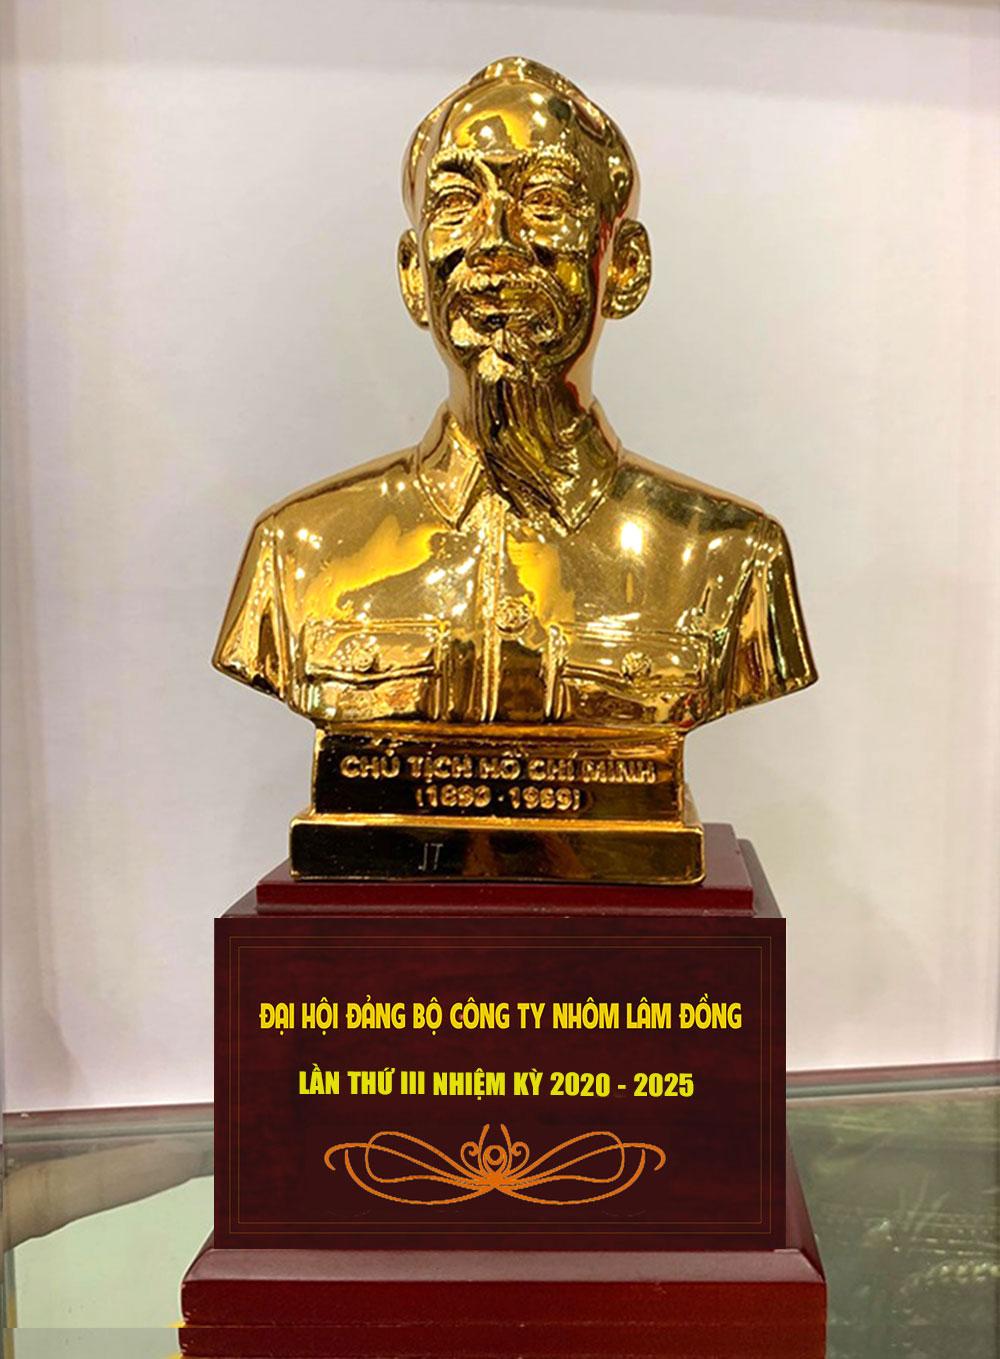 Tượng Bác hồ làm quà Đại hội Đảng ý nghĩa nhiệm kỳ 2020 – 2025